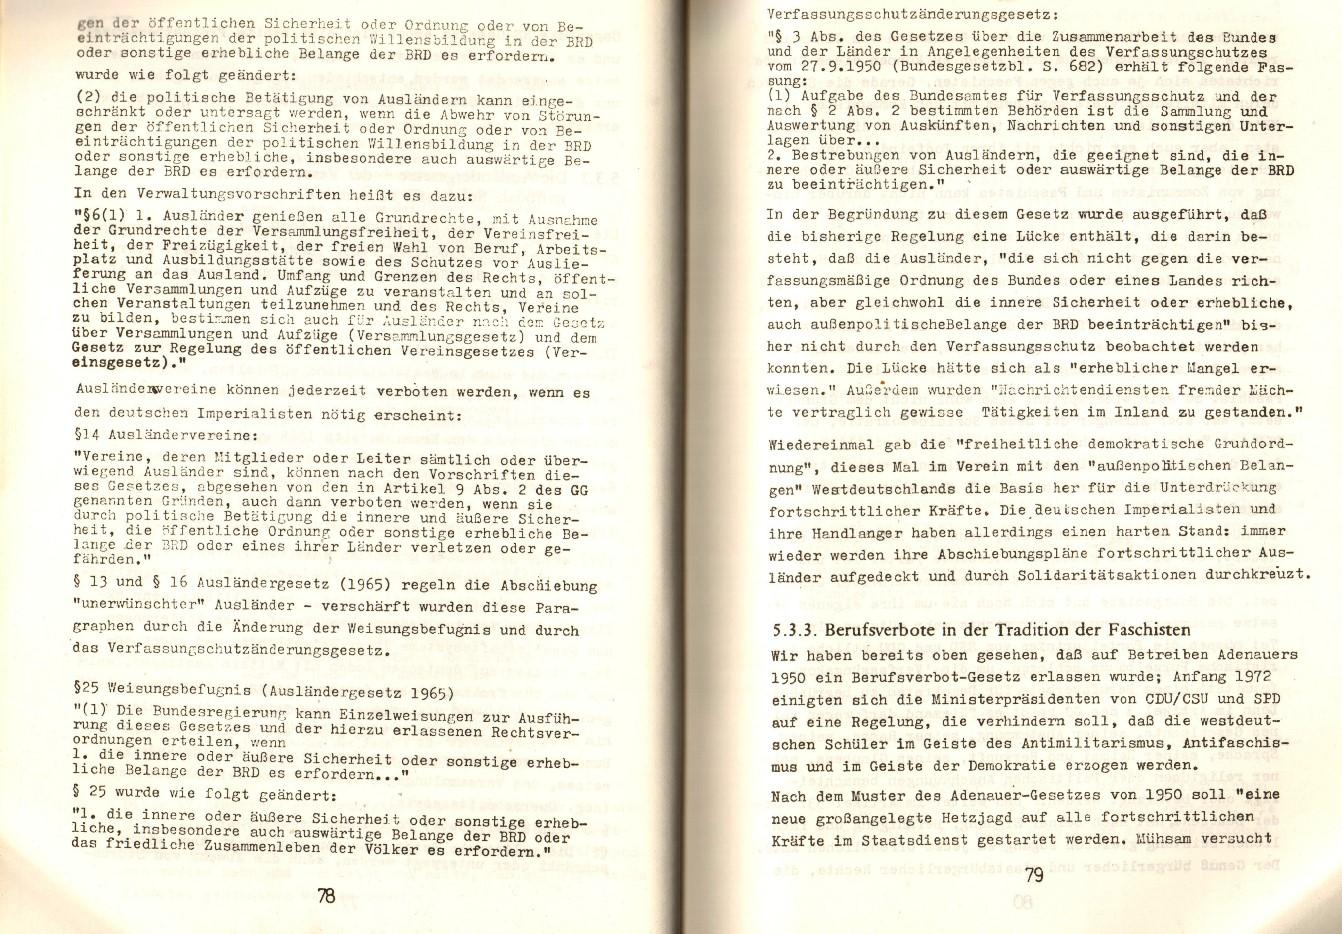 KHB_RSF_1974_25_Jahre_Grundgesetz_42